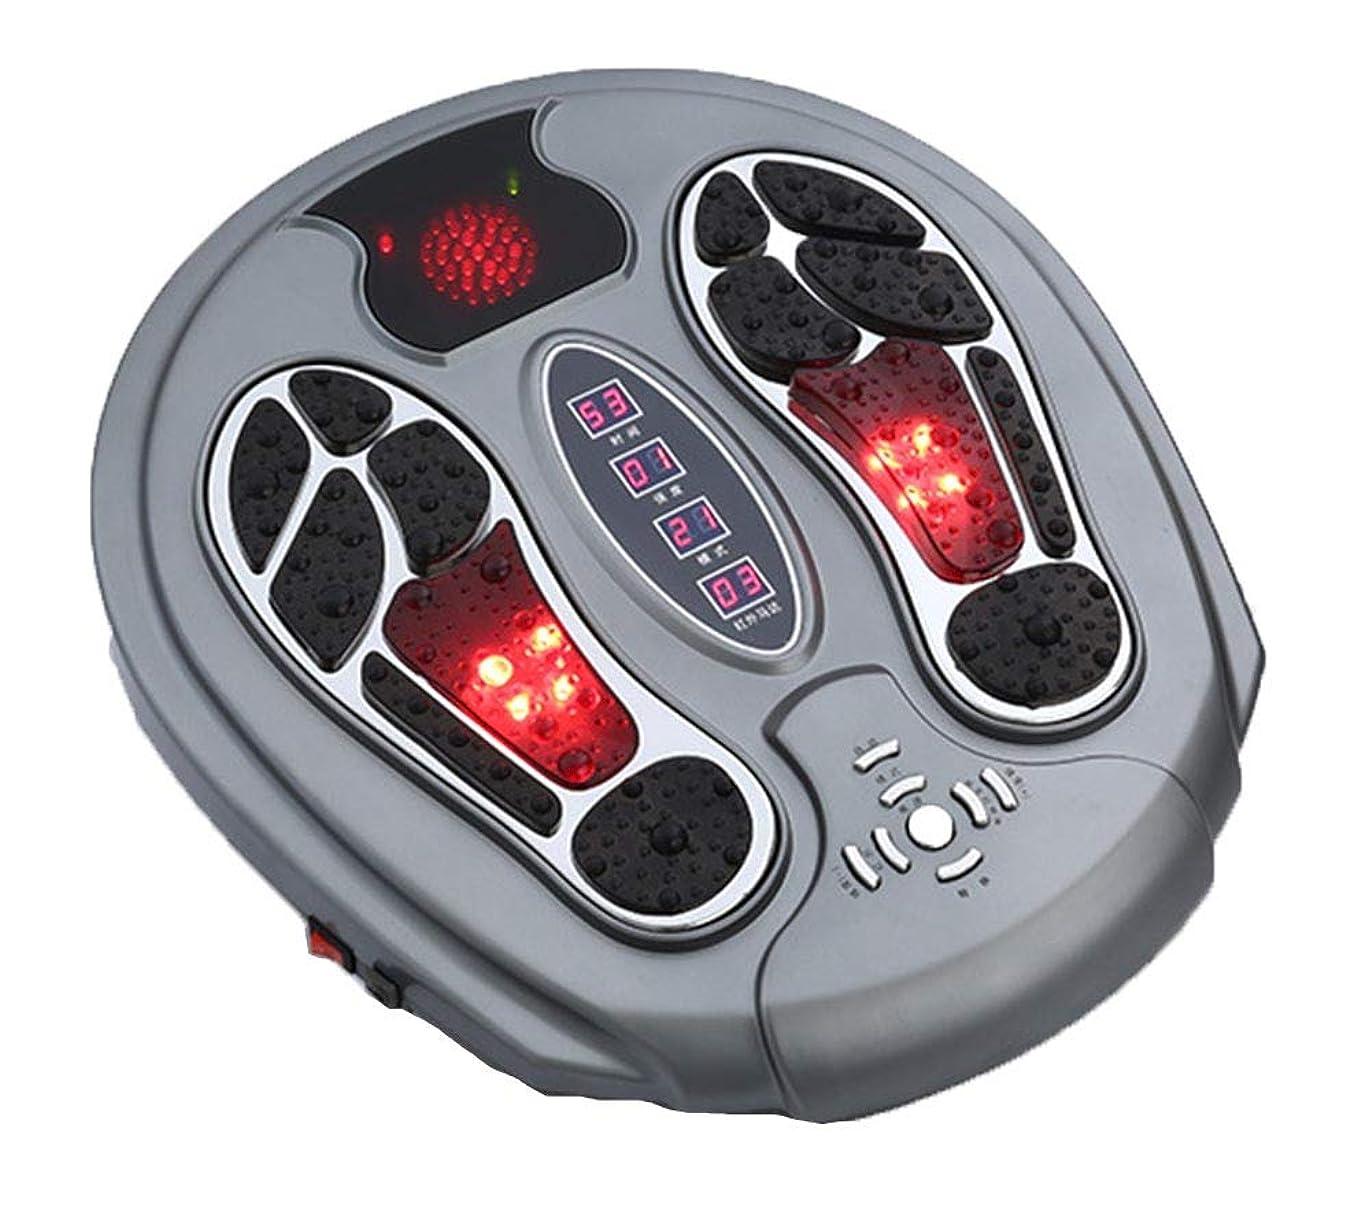 期限文字腸調整可能Foot Massager Stimulator - Booster Circulation、身体を刺激する99の強度設定、赤外線機能付き リラックス